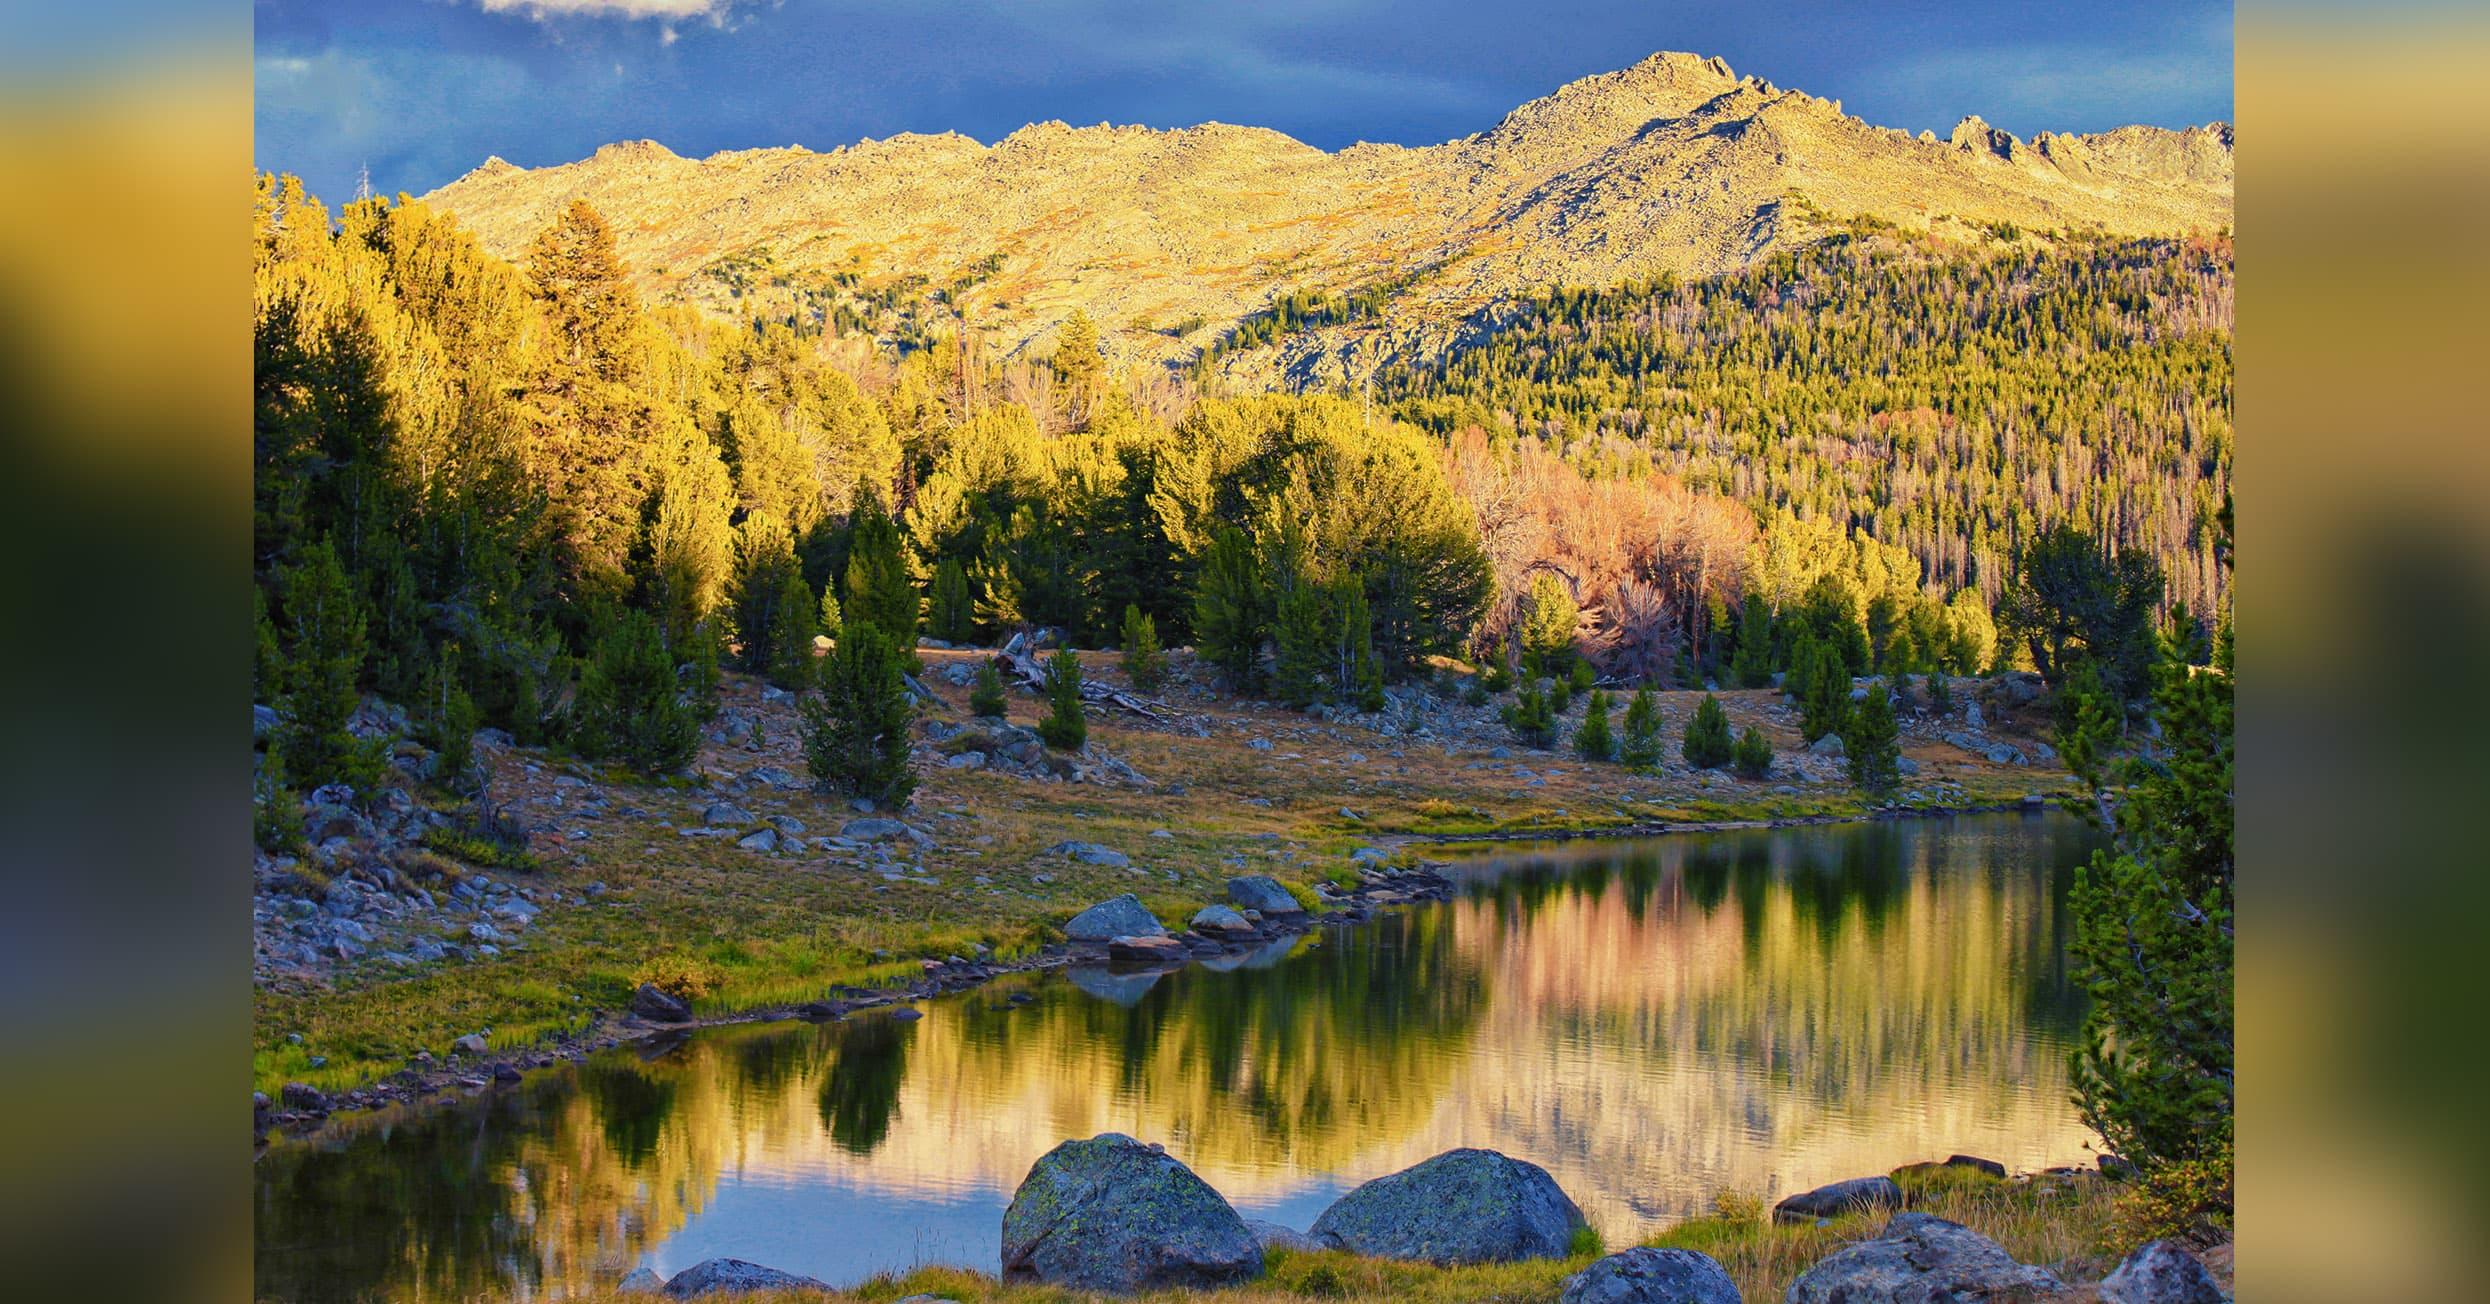 Mirror Lake, Wind River Range, Wyoming